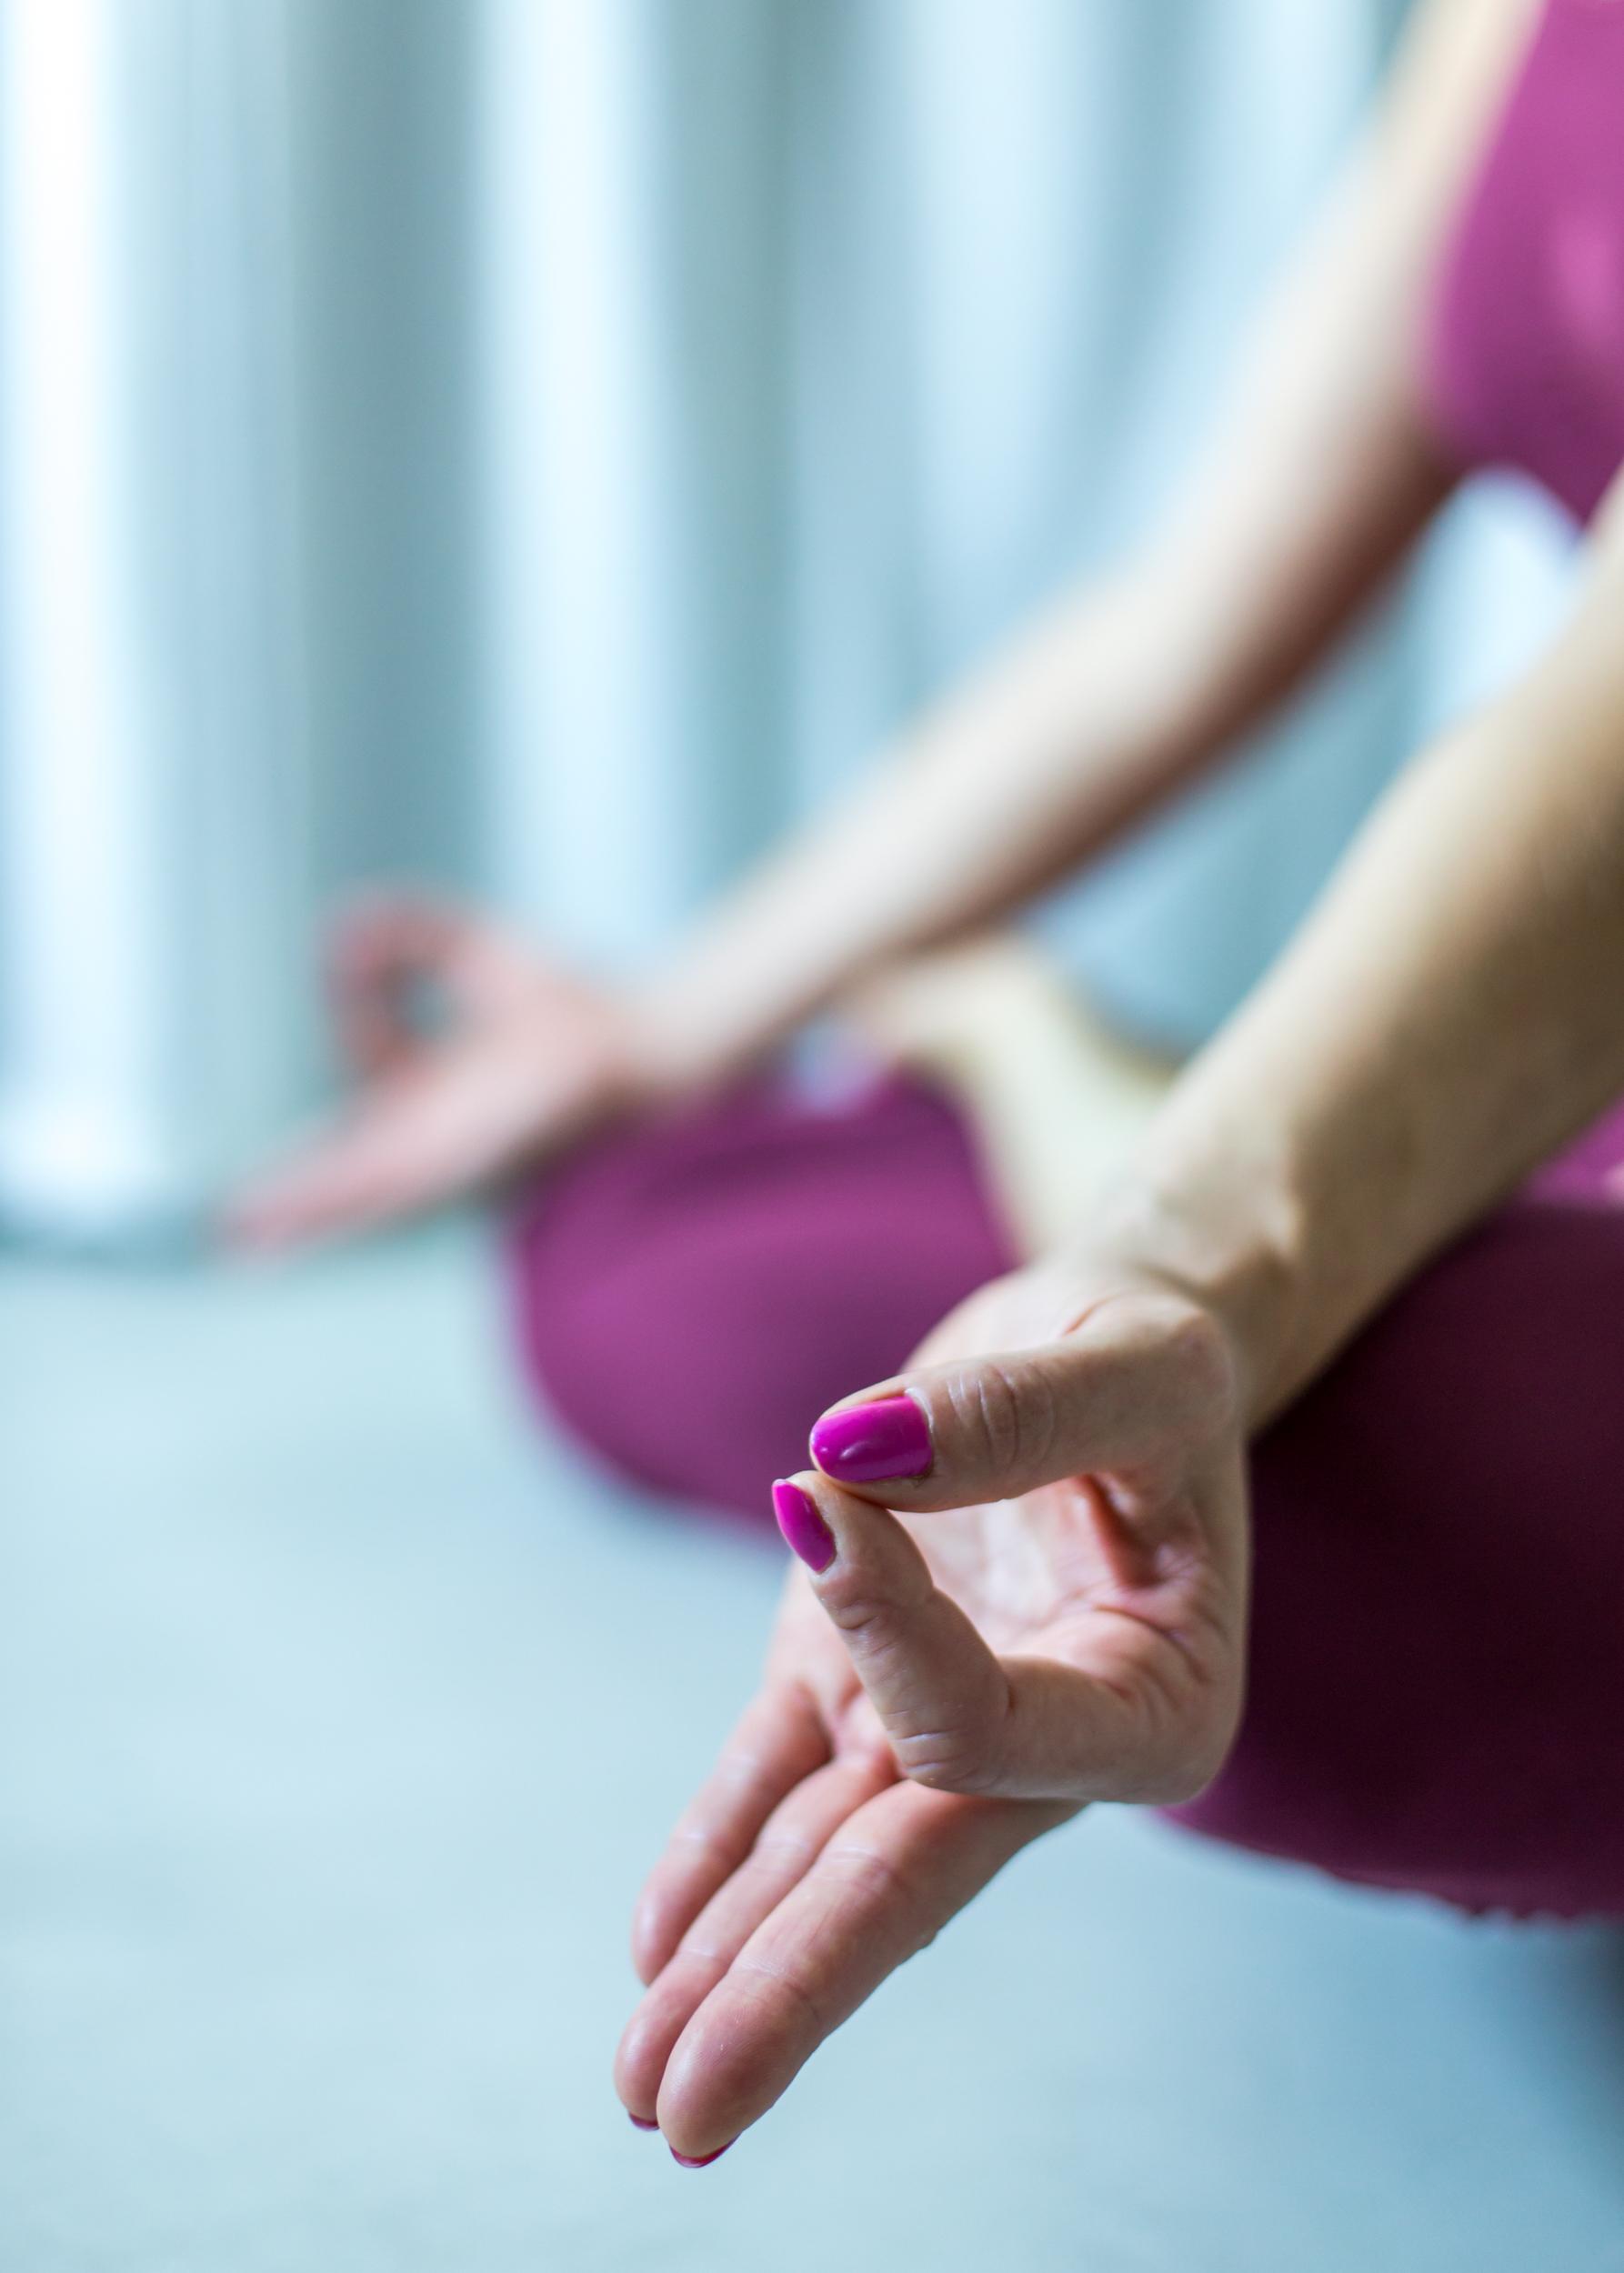 Signe Schineller, Run & Relax, Yoga, yogaretreat, yogaweekend, yogakurs, yogahelg, meditasjon. velvære, rosendal yoga i rosendal, leka, yoga leka, leka brygge,